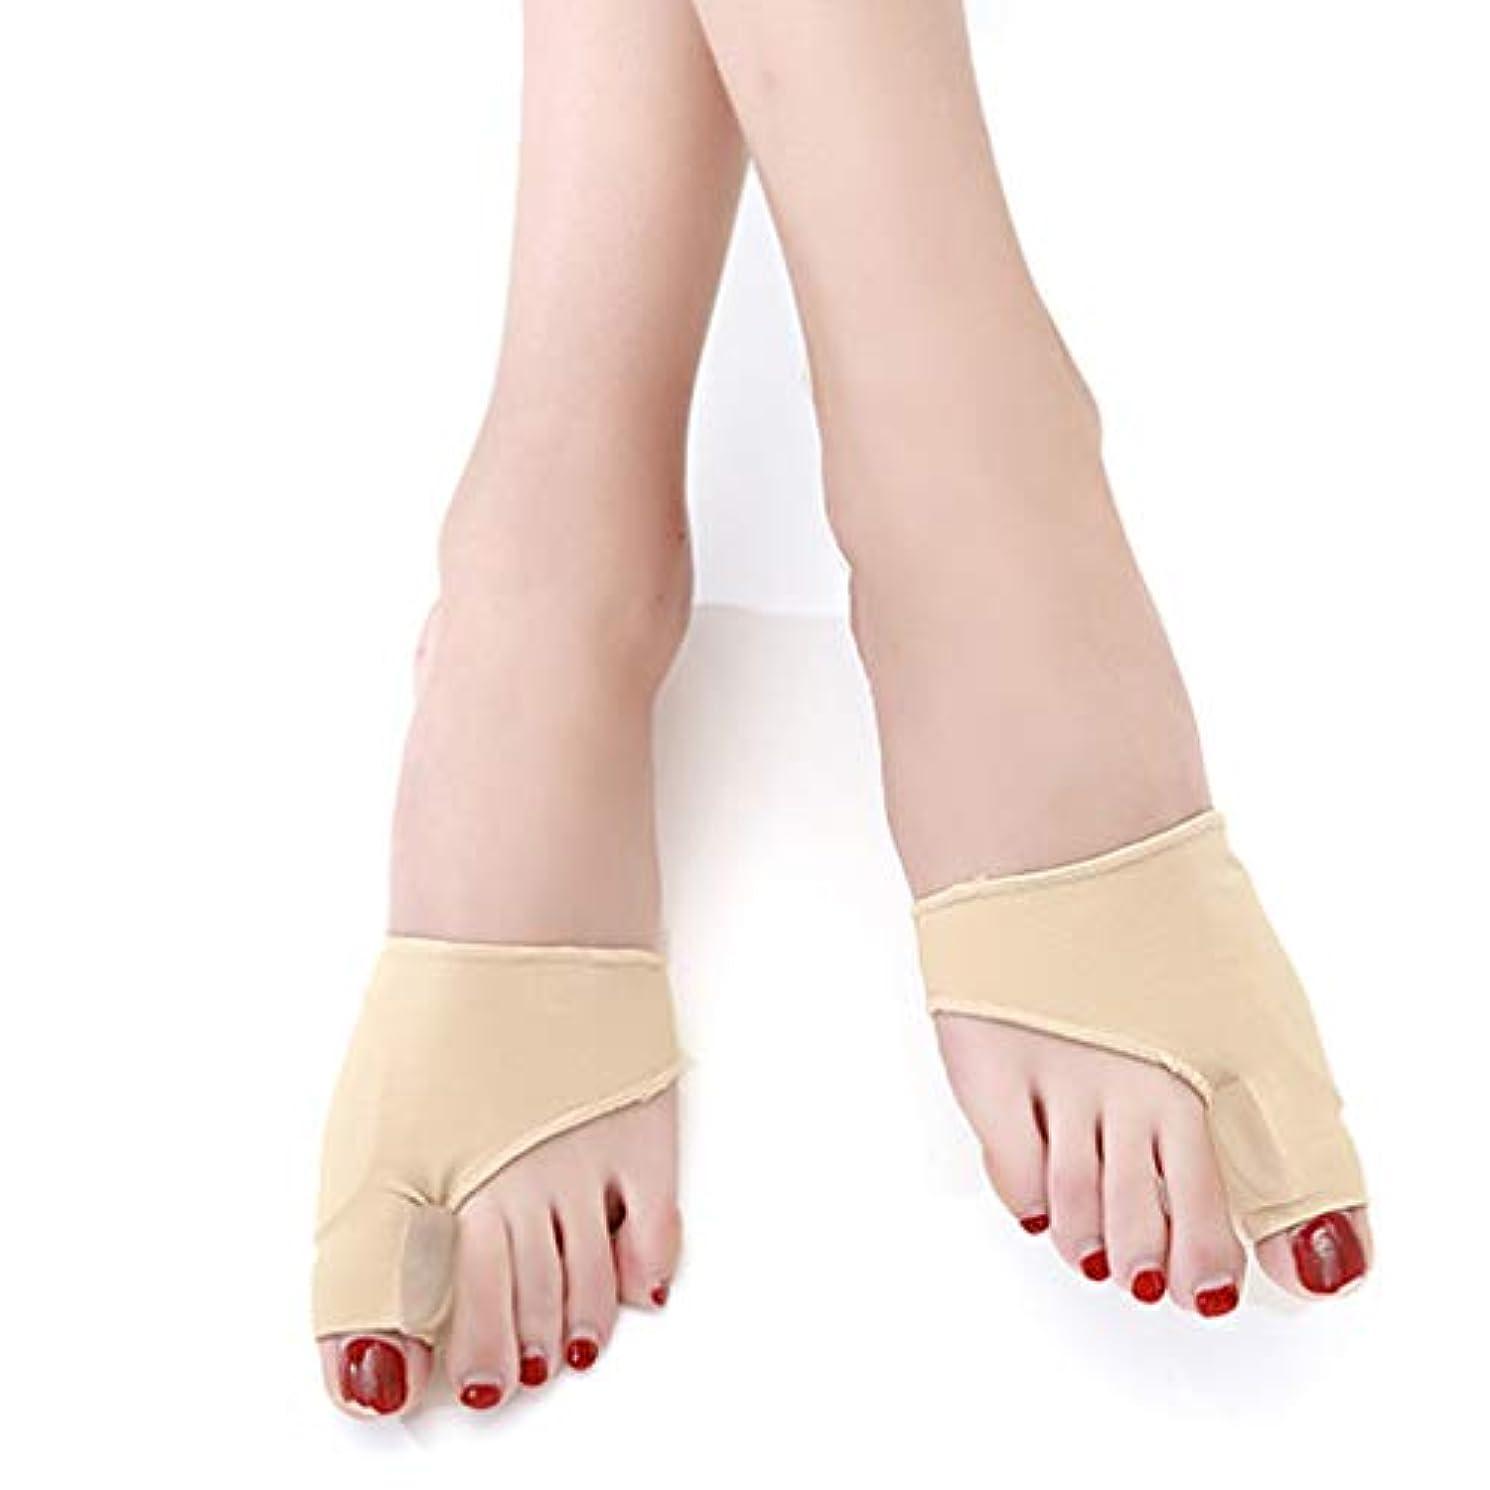 アライメントピクニックムスタチオつま先サポートHallux外反矯正装置、足の親指プロテクター、詐欺師つま先のための保護と治療着用の腱膜炎、水疱、痛風や関節炎の痛み,A,L